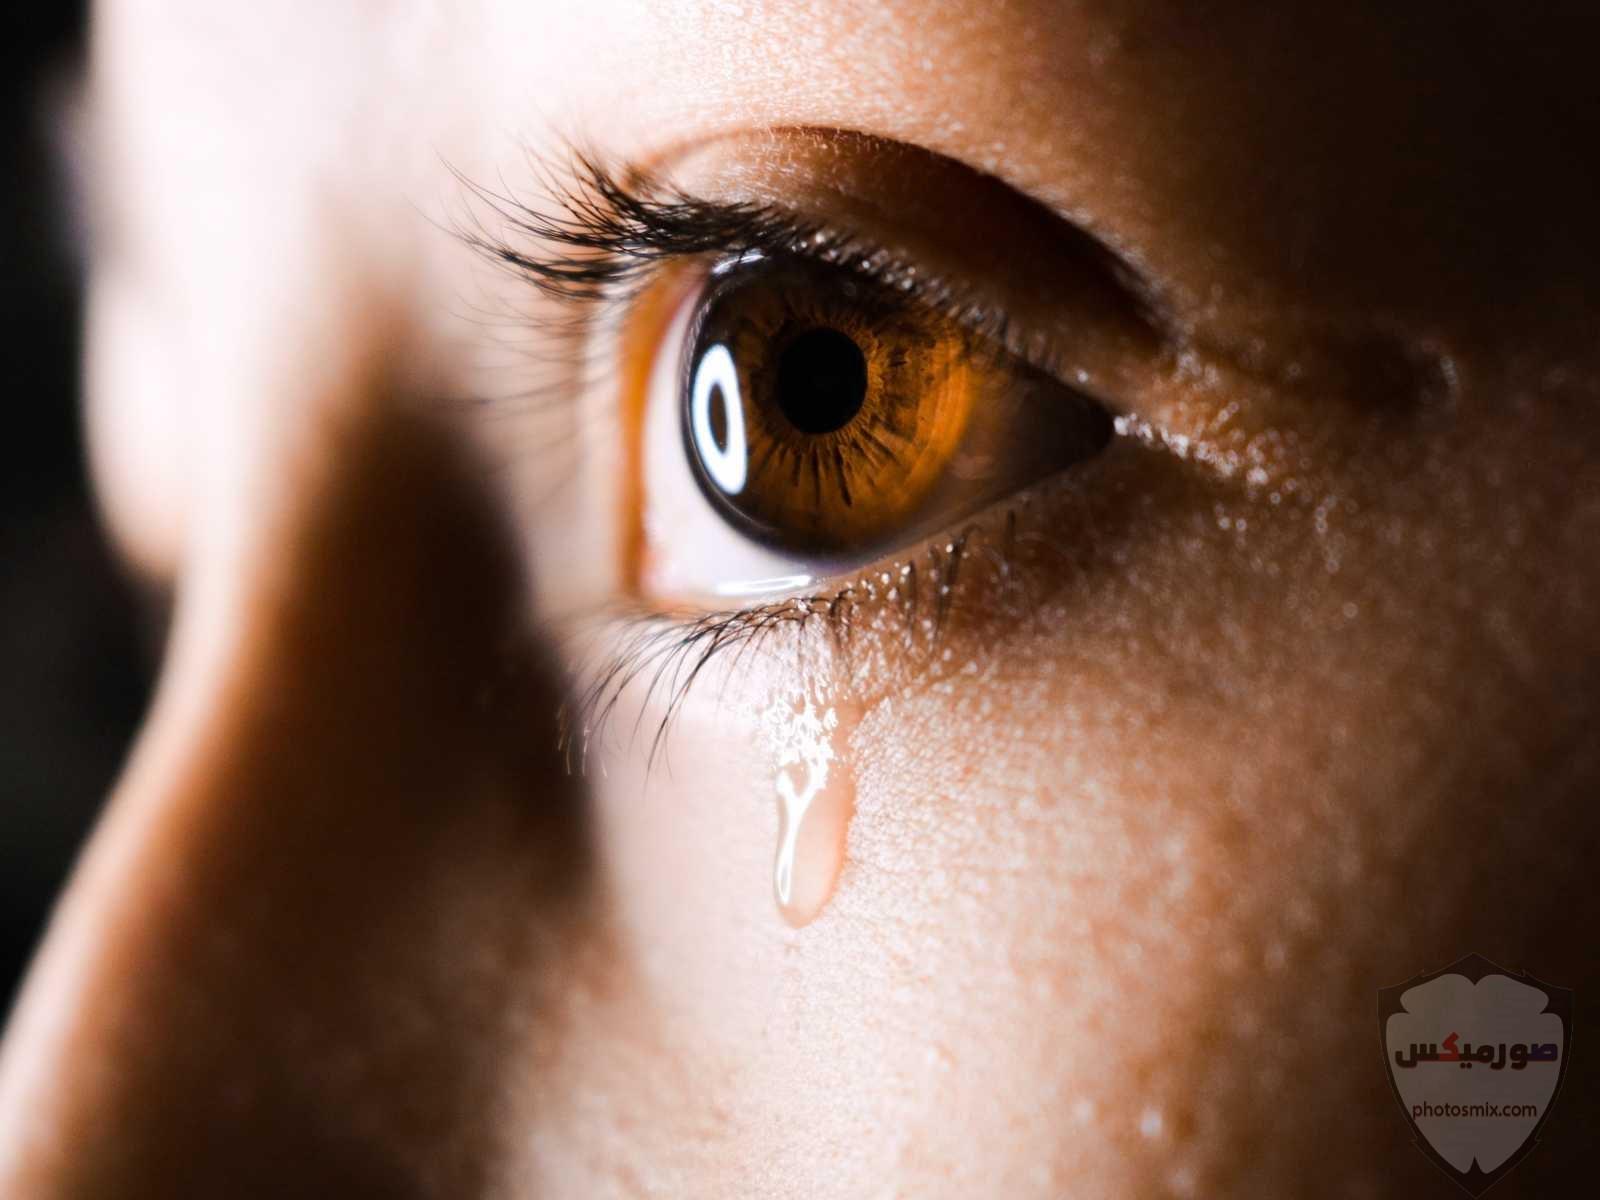 صور حزن وفراق وعتاب ودموع في ألبوم كامل 8